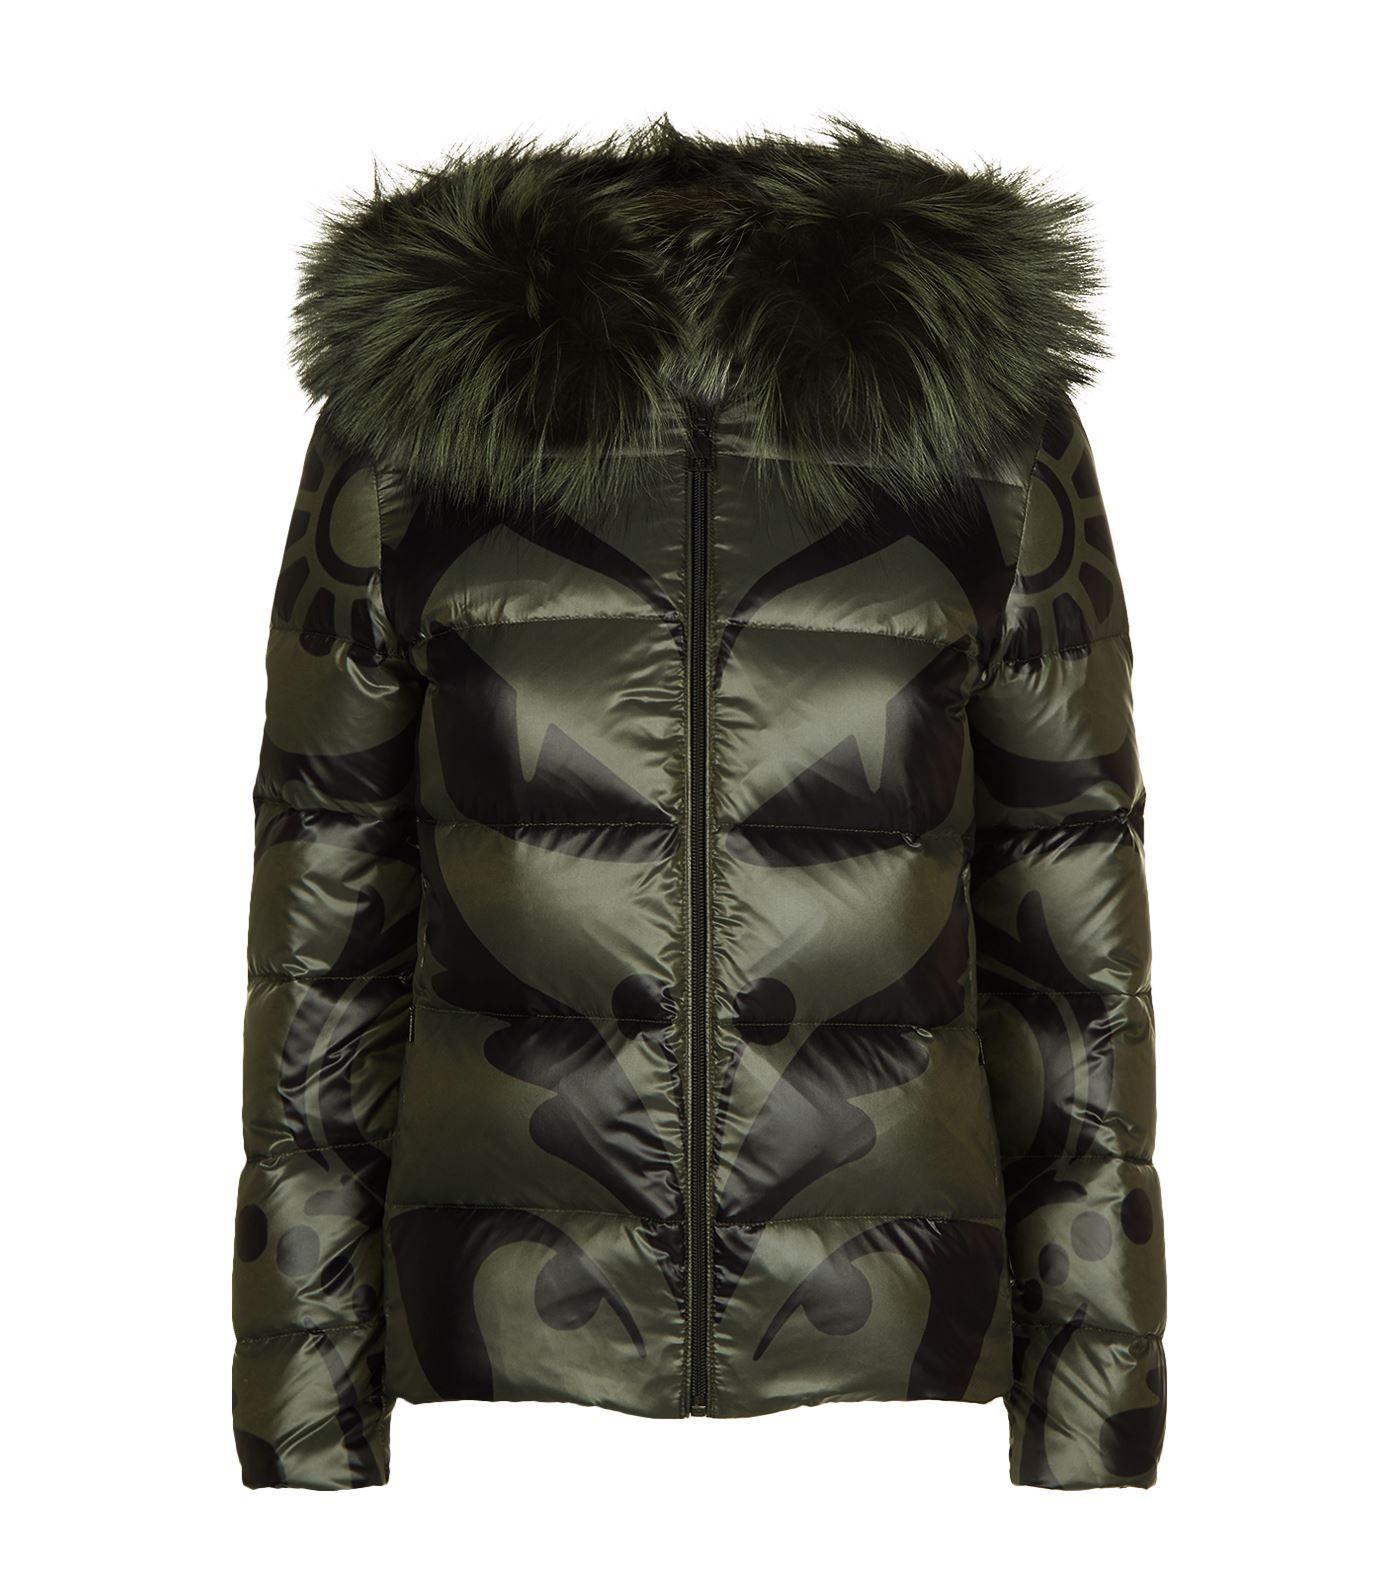 Fendi Giant Brocade Puffer Jacket Harrods Com Puffer Jackets Quilted Puffer Jacket Combat Jacket [ 1592 x 1400 Pixel ]